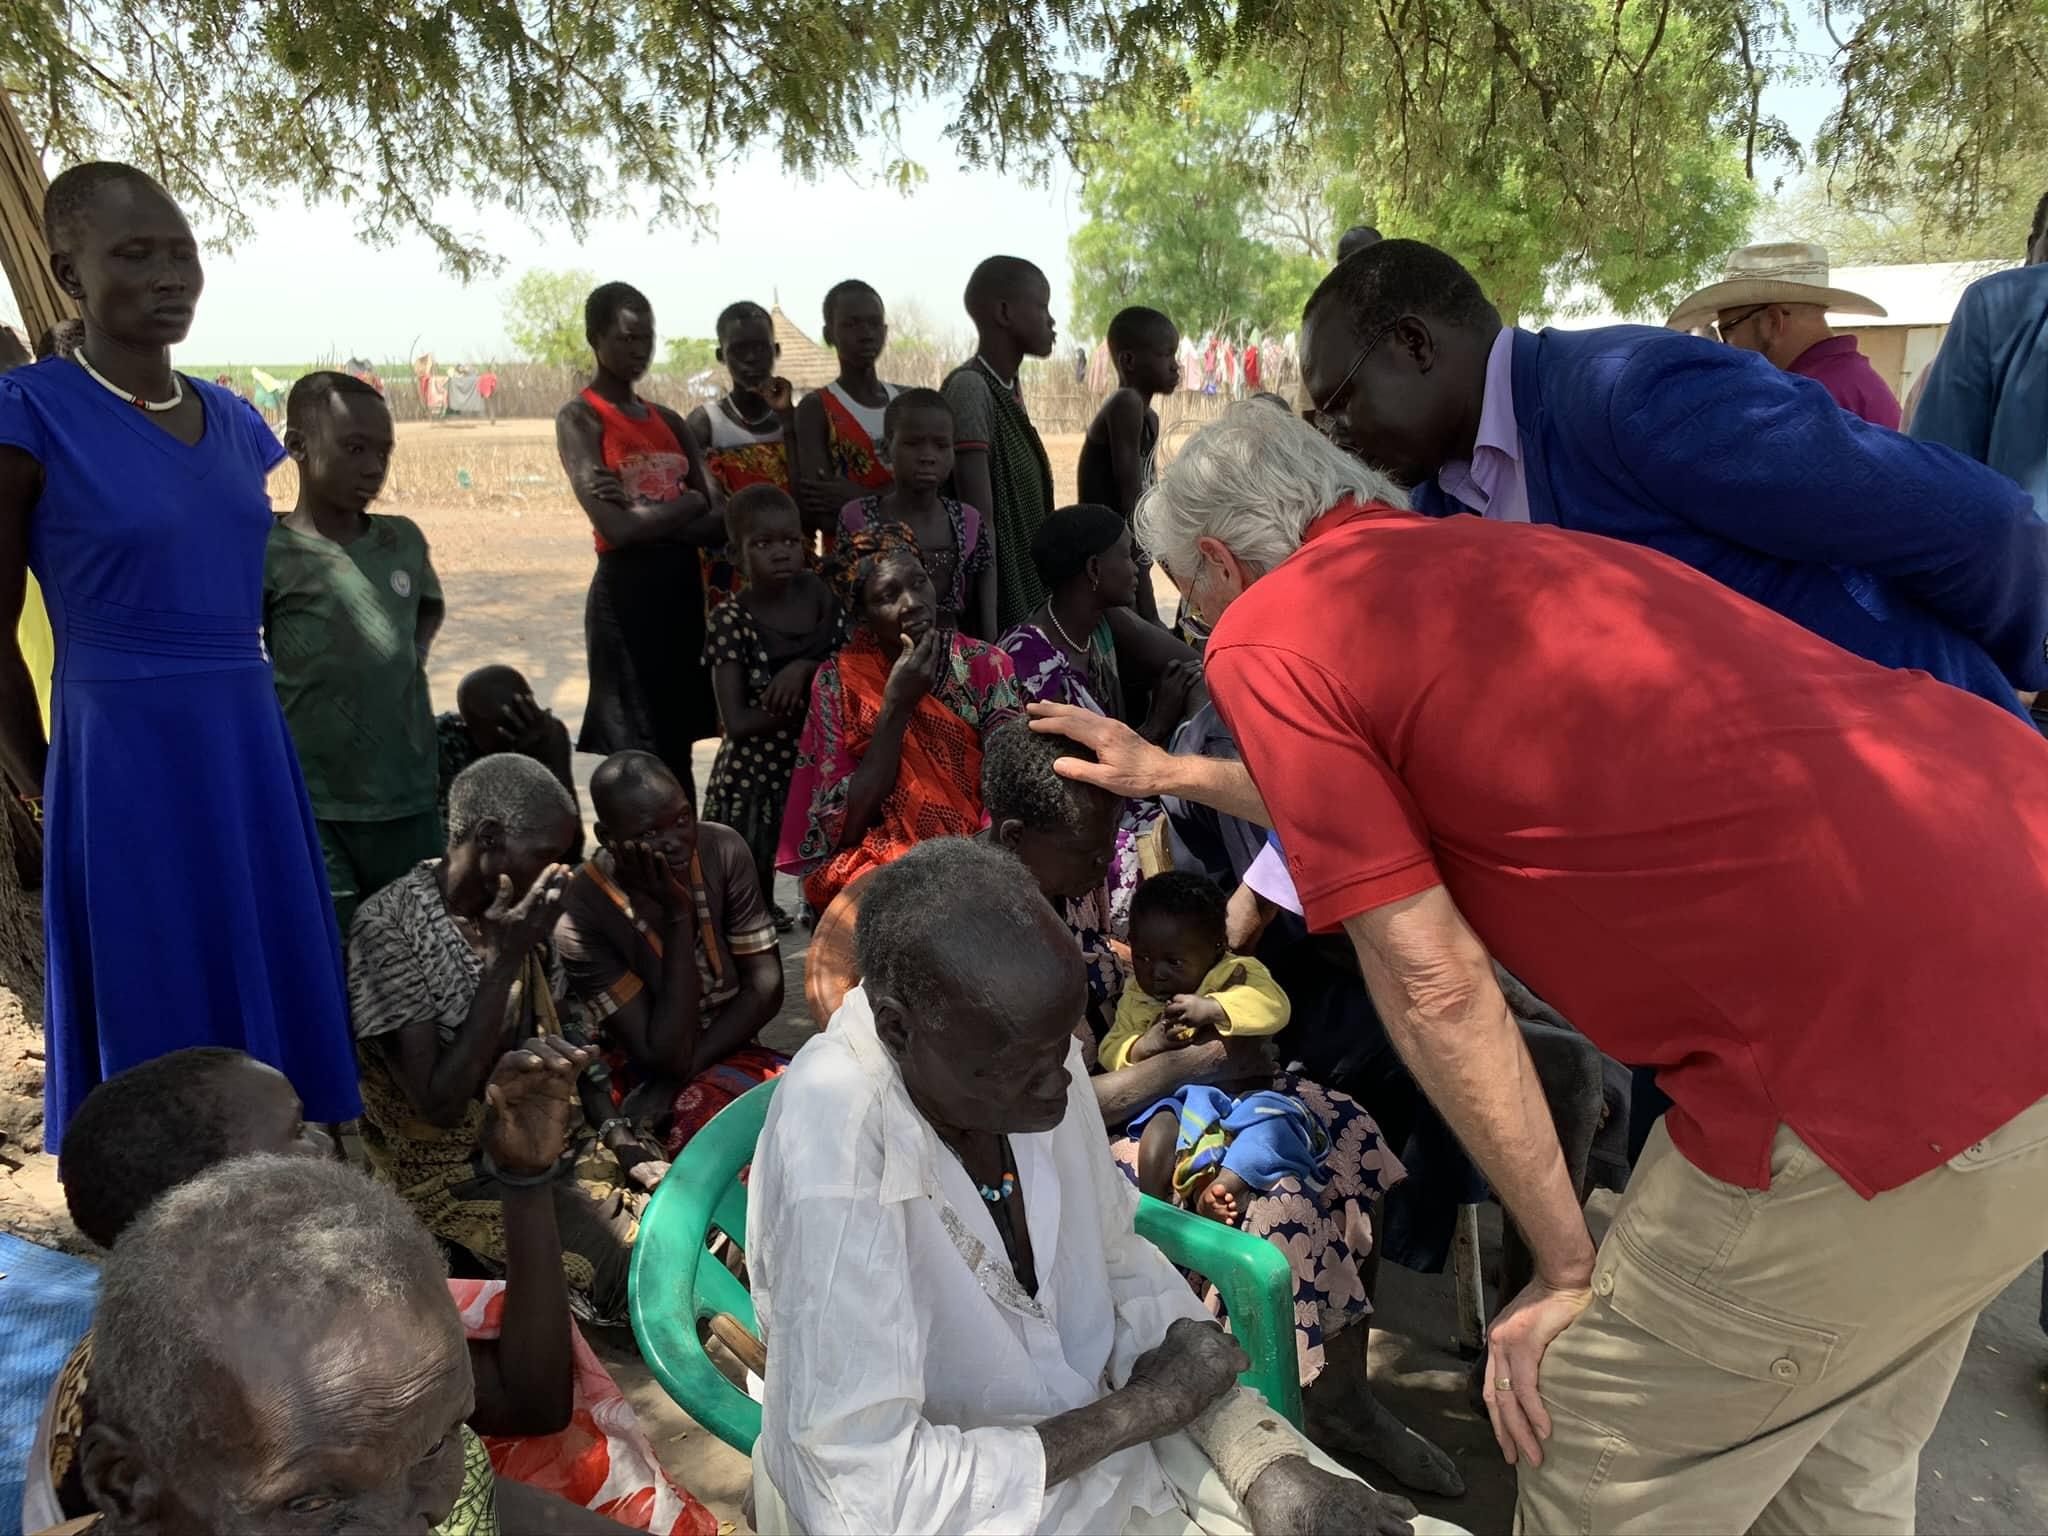 Uganda / South Sudan